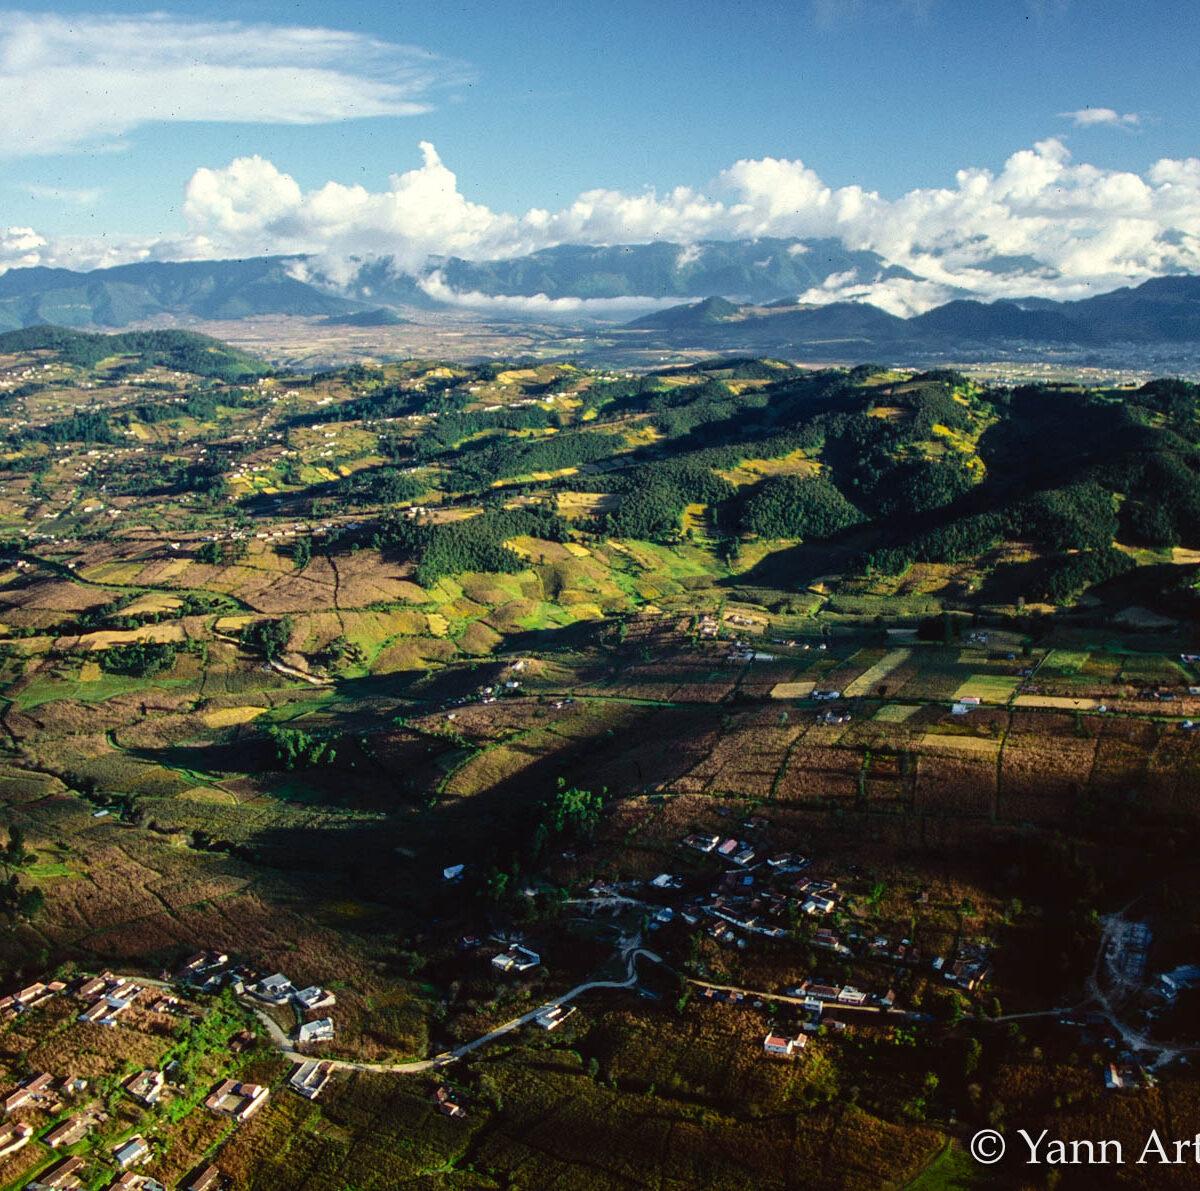 paysage agricole Guatemala